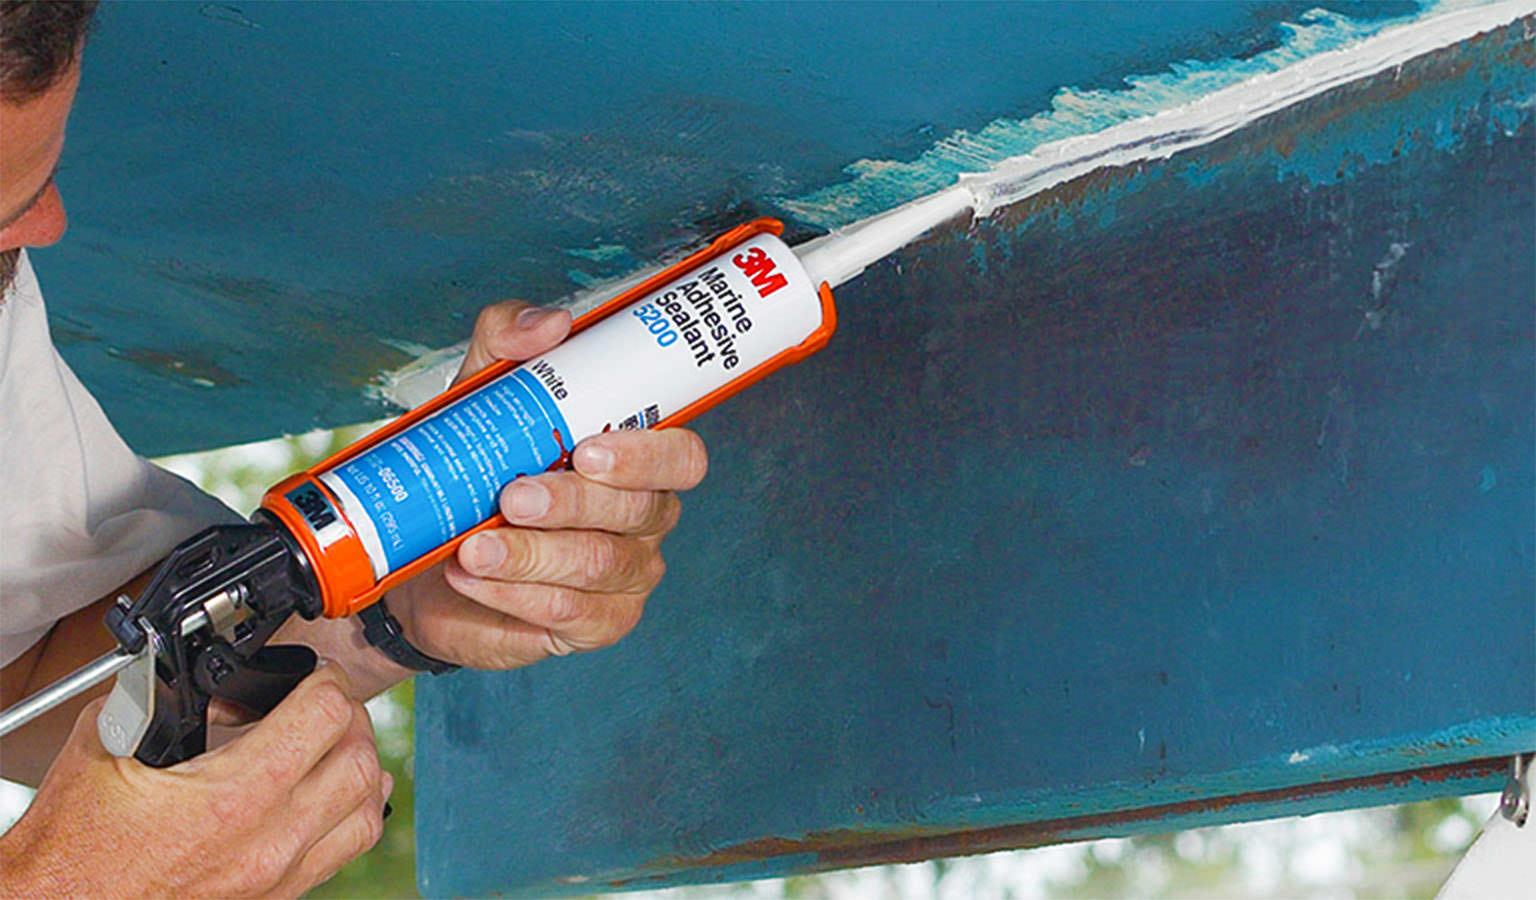 Up to $50 off fiberglass gelcoat repair & kits